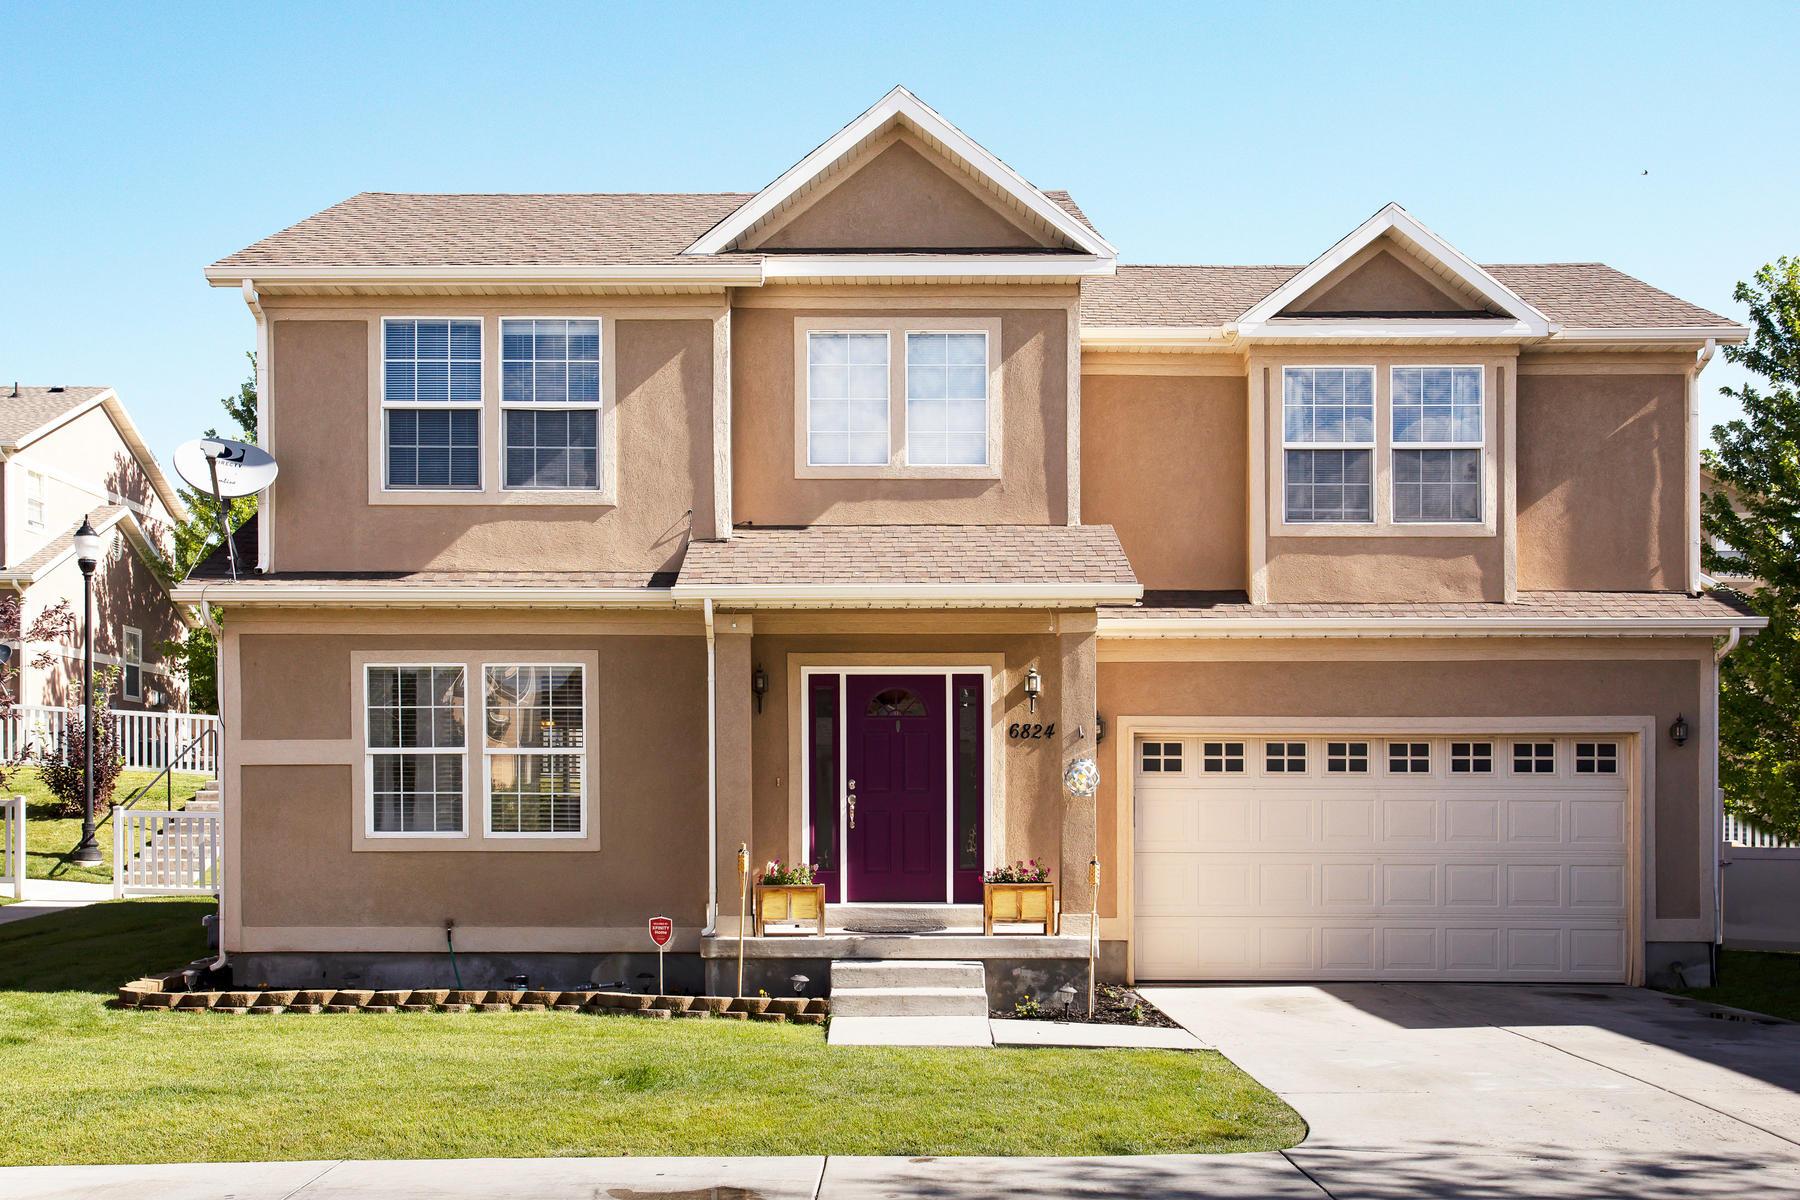 Single Family Homes för Försäljning vid Design, Function and Community All in One 6824 W Bottlebrush Lane, West Jordan, Utah 84081 Förenta staterna